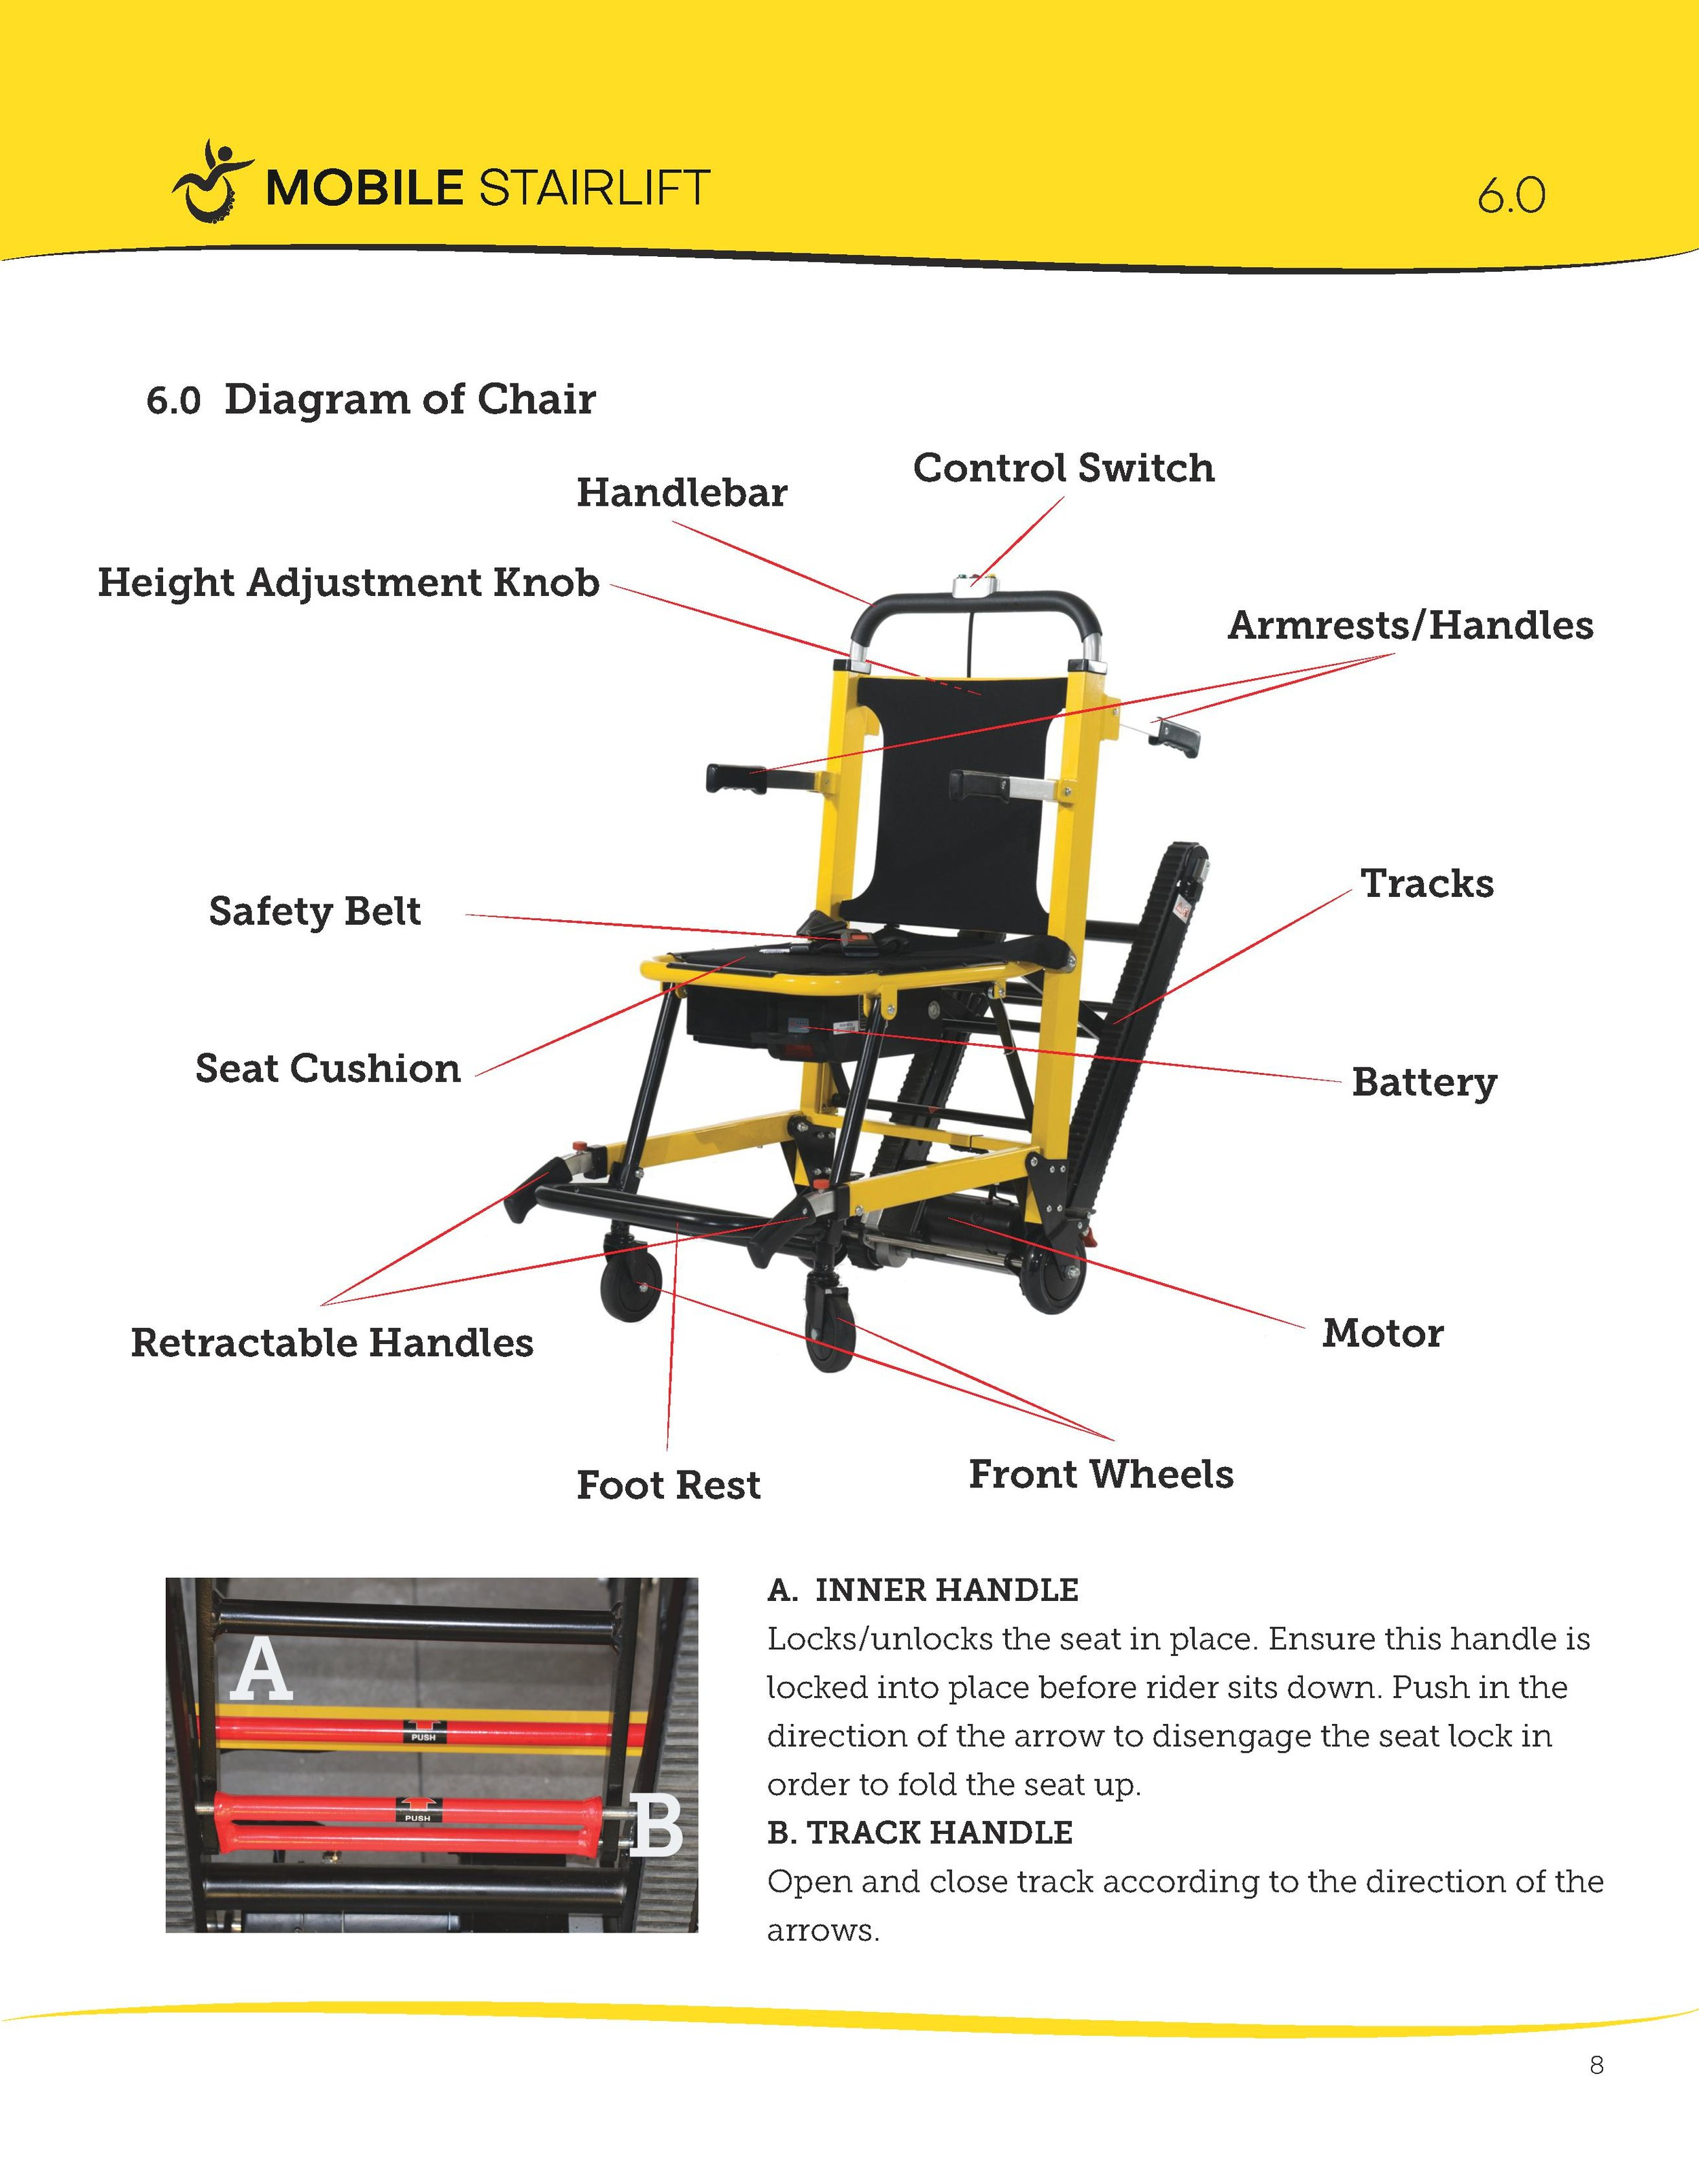 Mobile Stairlift Instruction Manual-9.jpg